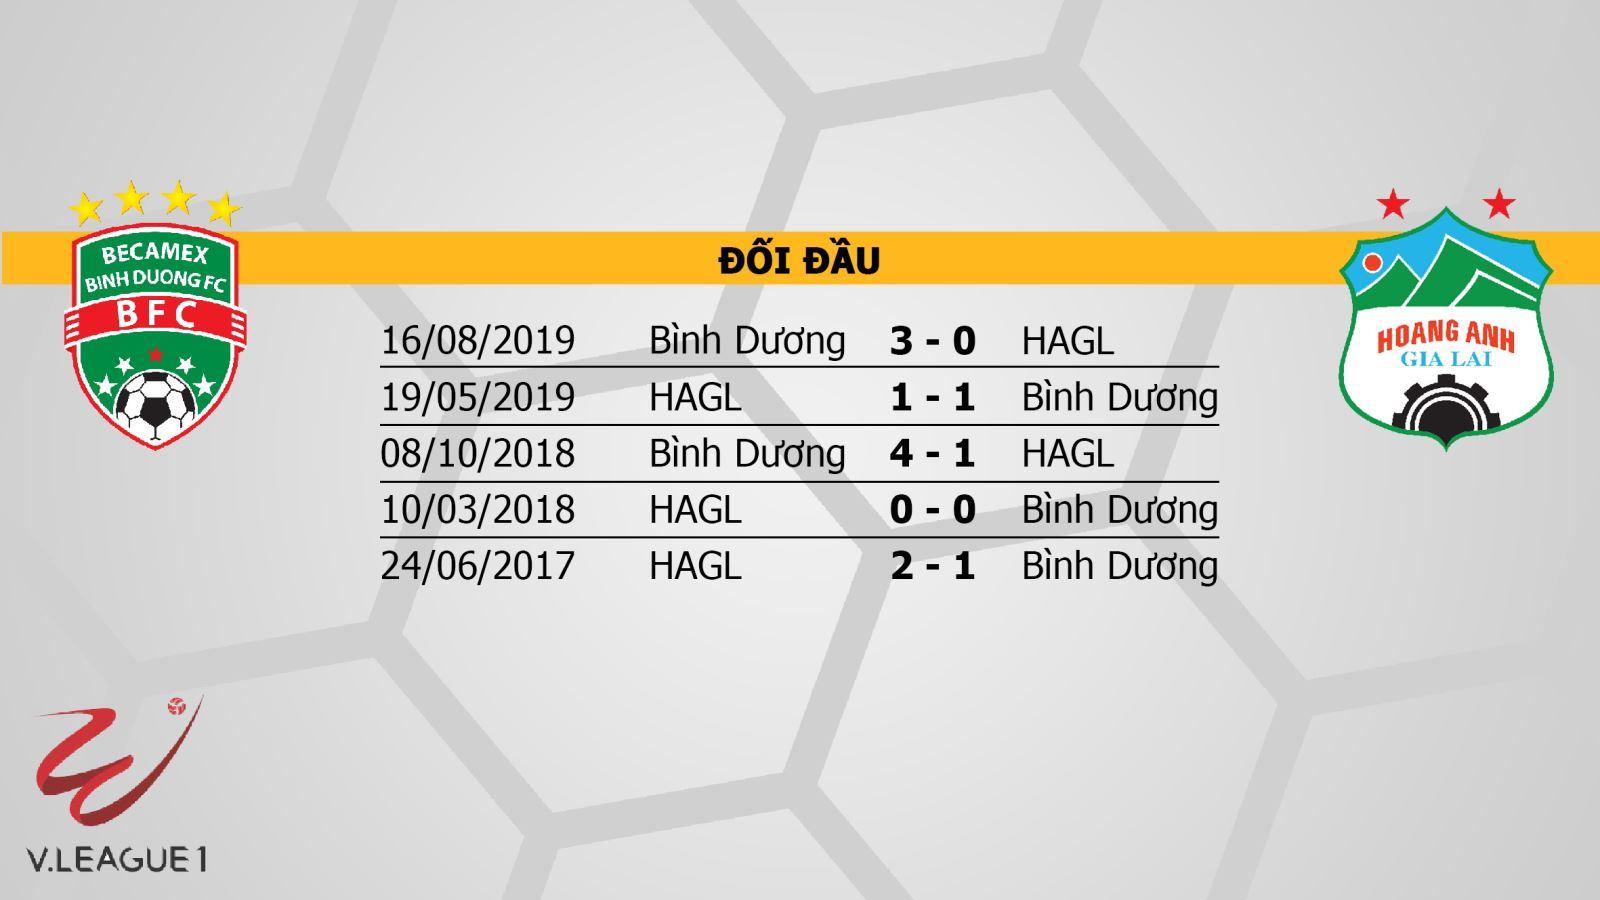 Bình Dương vs Hoàng Anh Gia Lai, HAGL, soi kèo, kèo bóng đá, HAGL, Bình Dương, trực tiếp Bình Dương vs Hoàng Anh Gia Lai, lịch thi đấu bóng đá